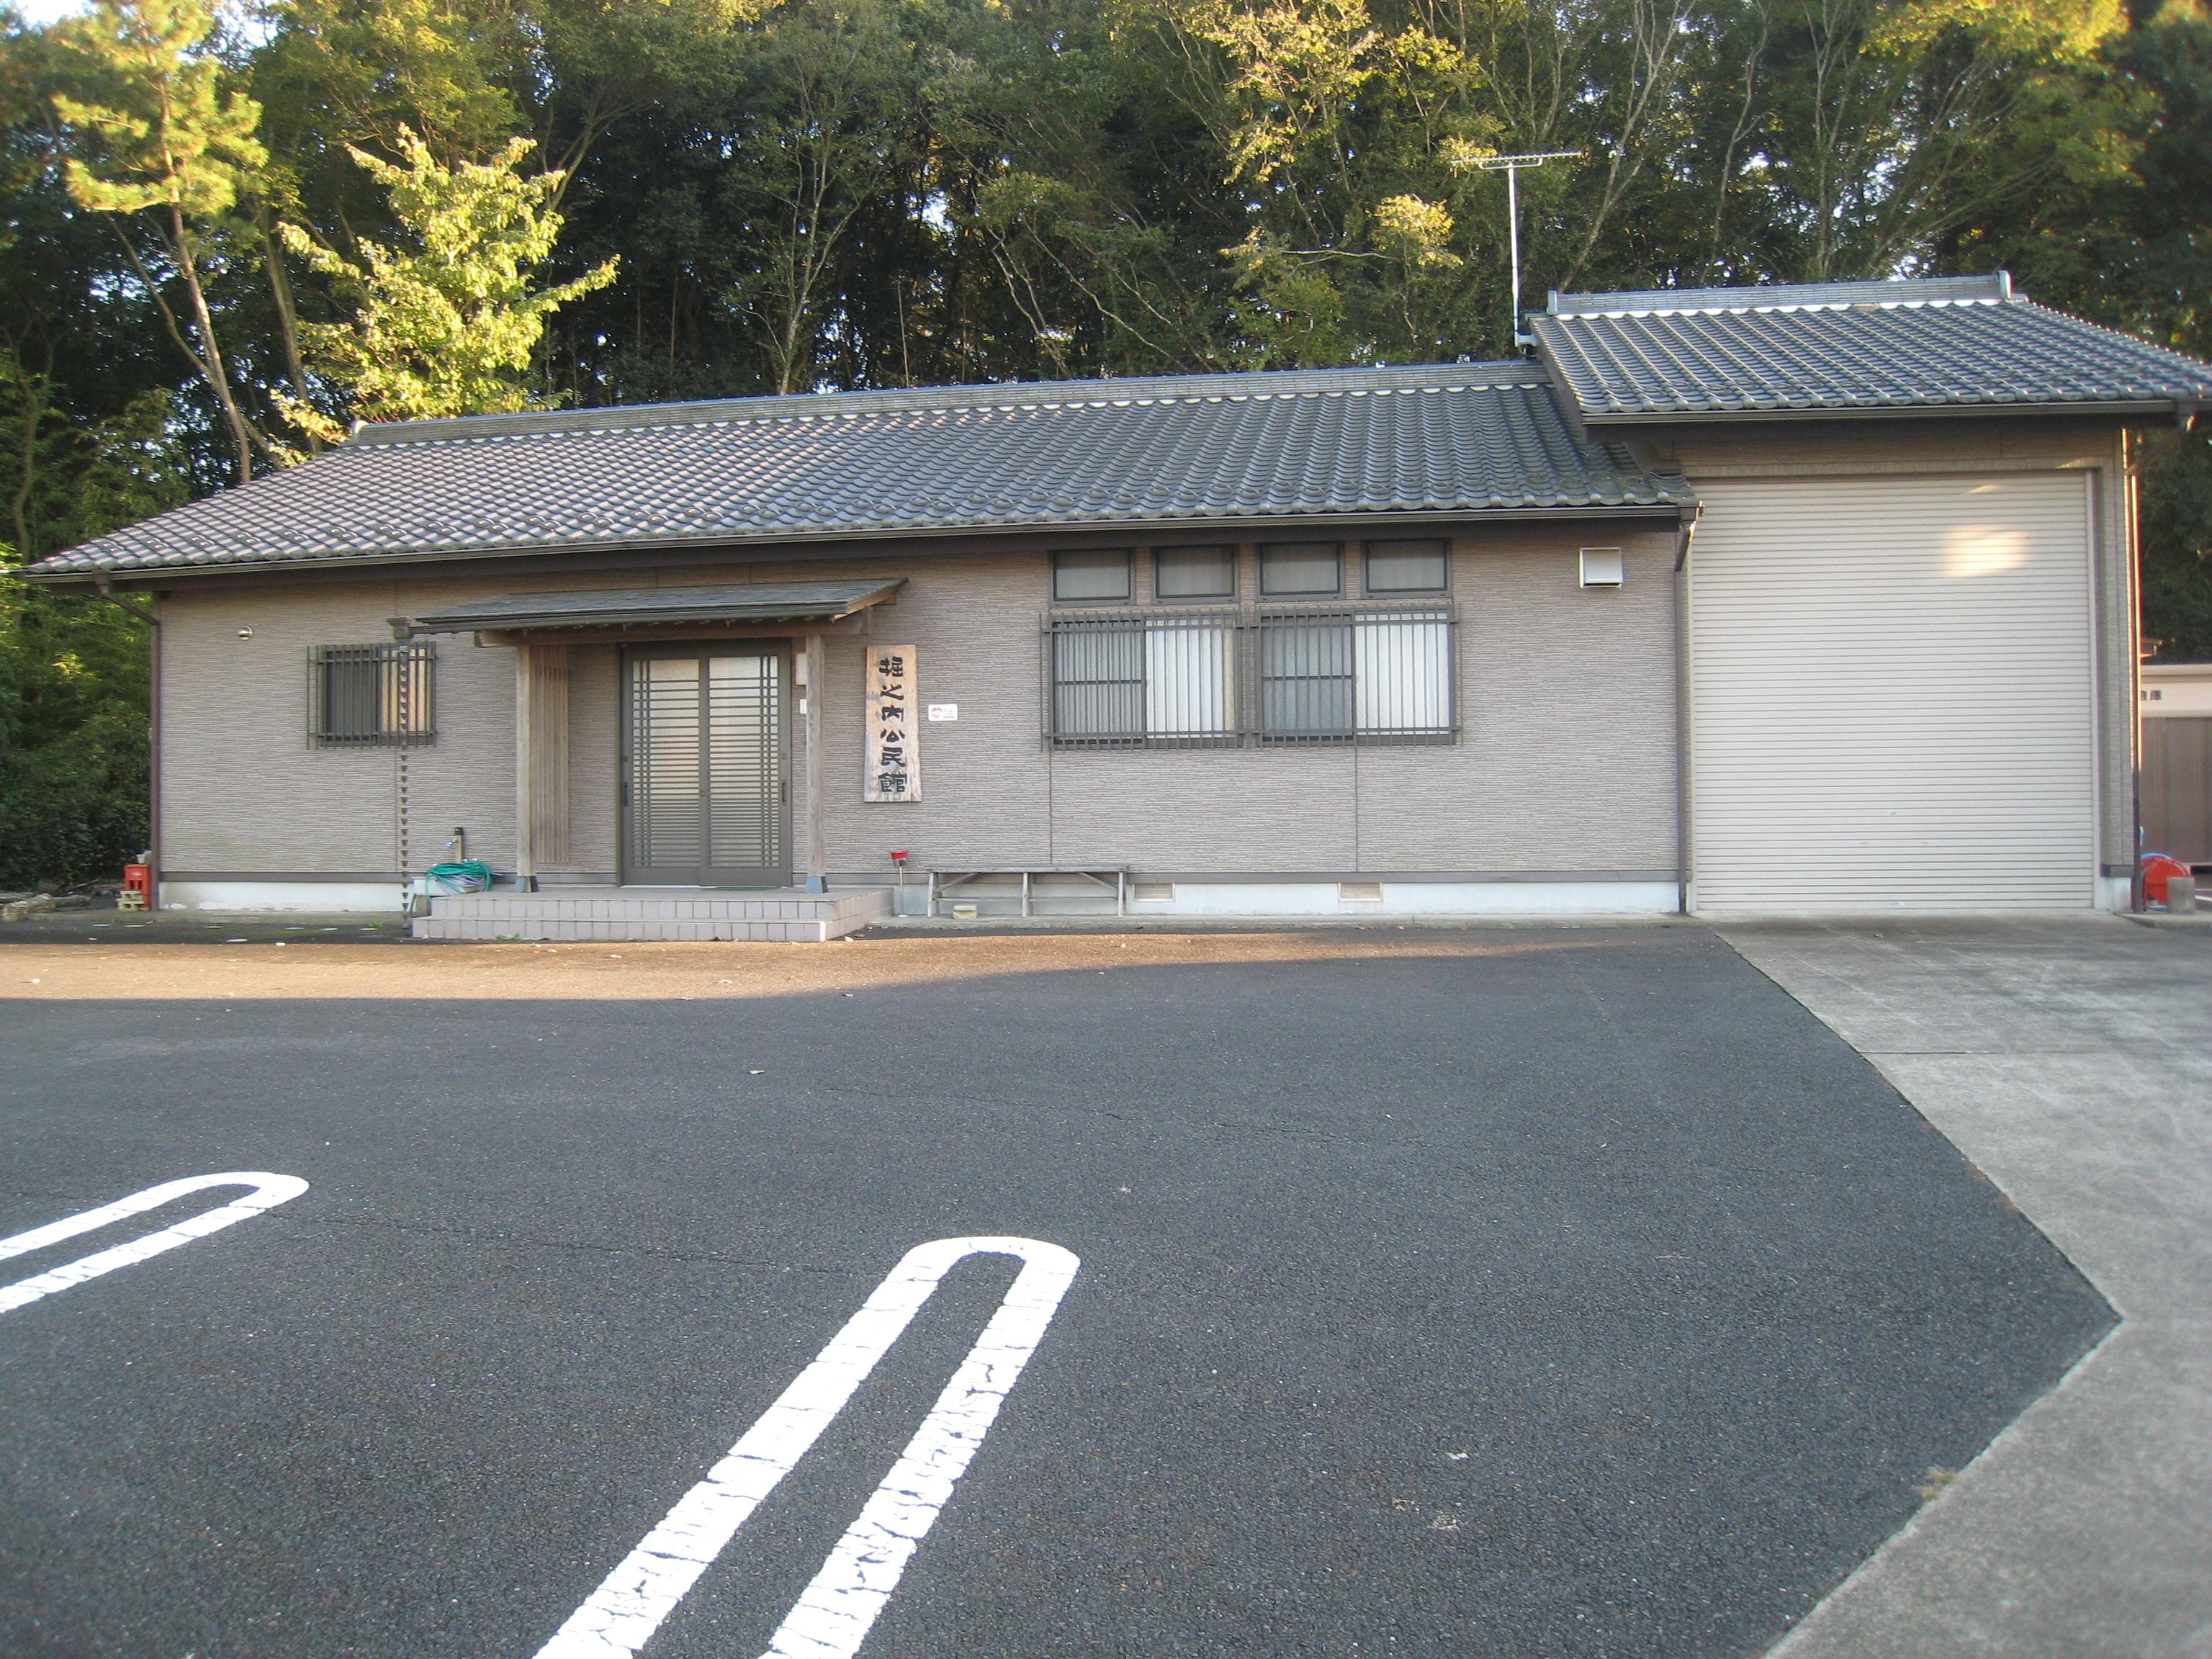 施設:⑧菅谷第4投票区 堀之内公民館